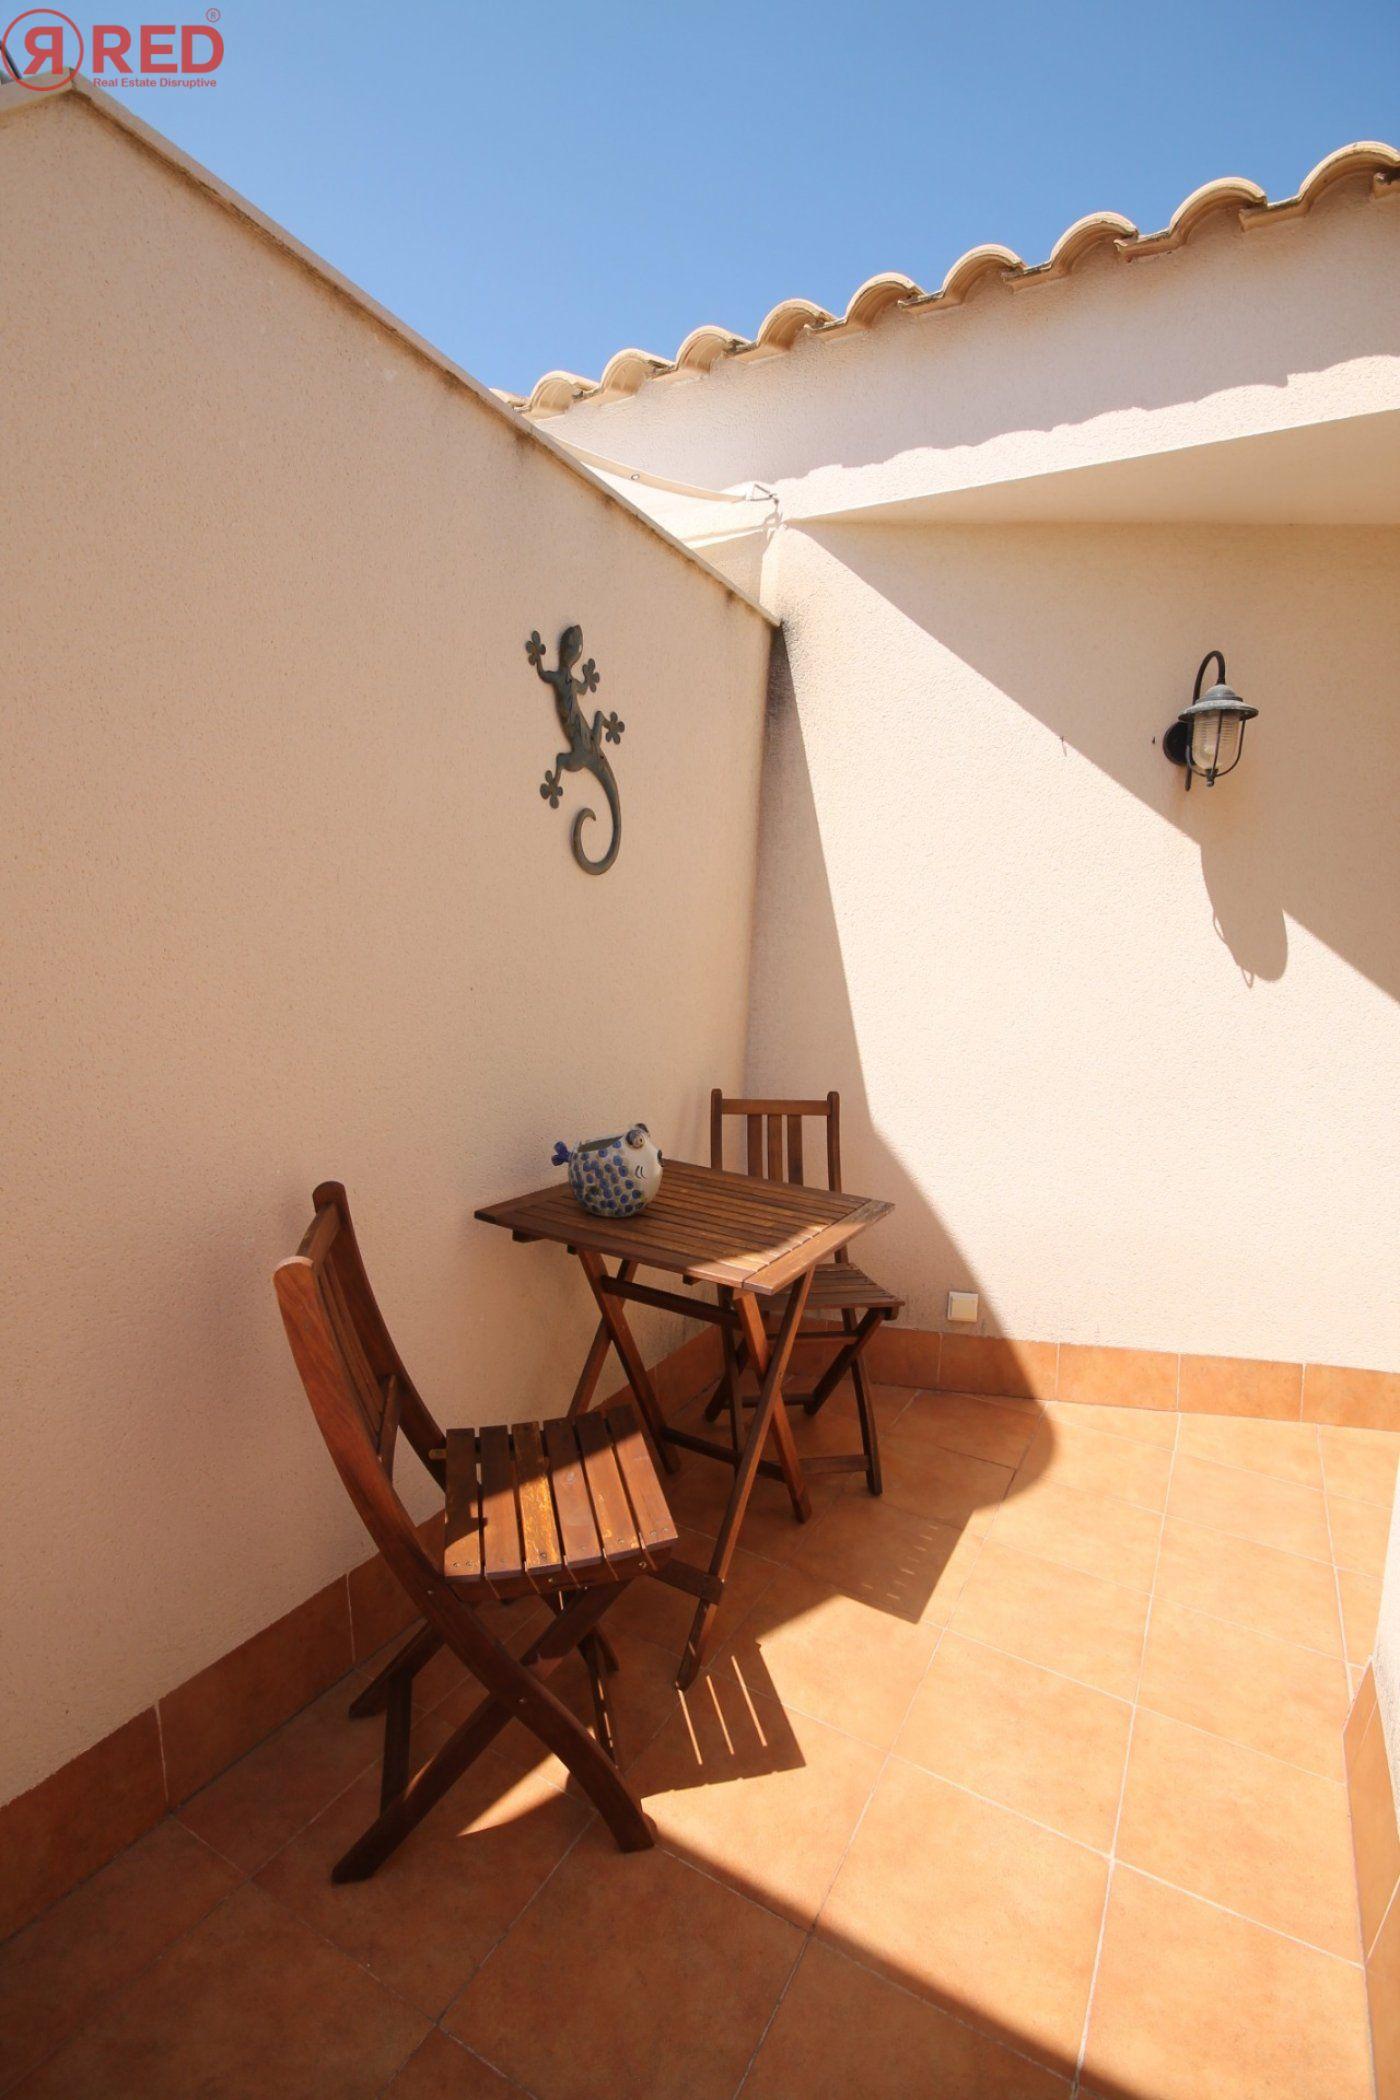 Dúplex con terraza y piscina comunitaria, equipamiento y mobiliario excepcional - imagenInmueble7